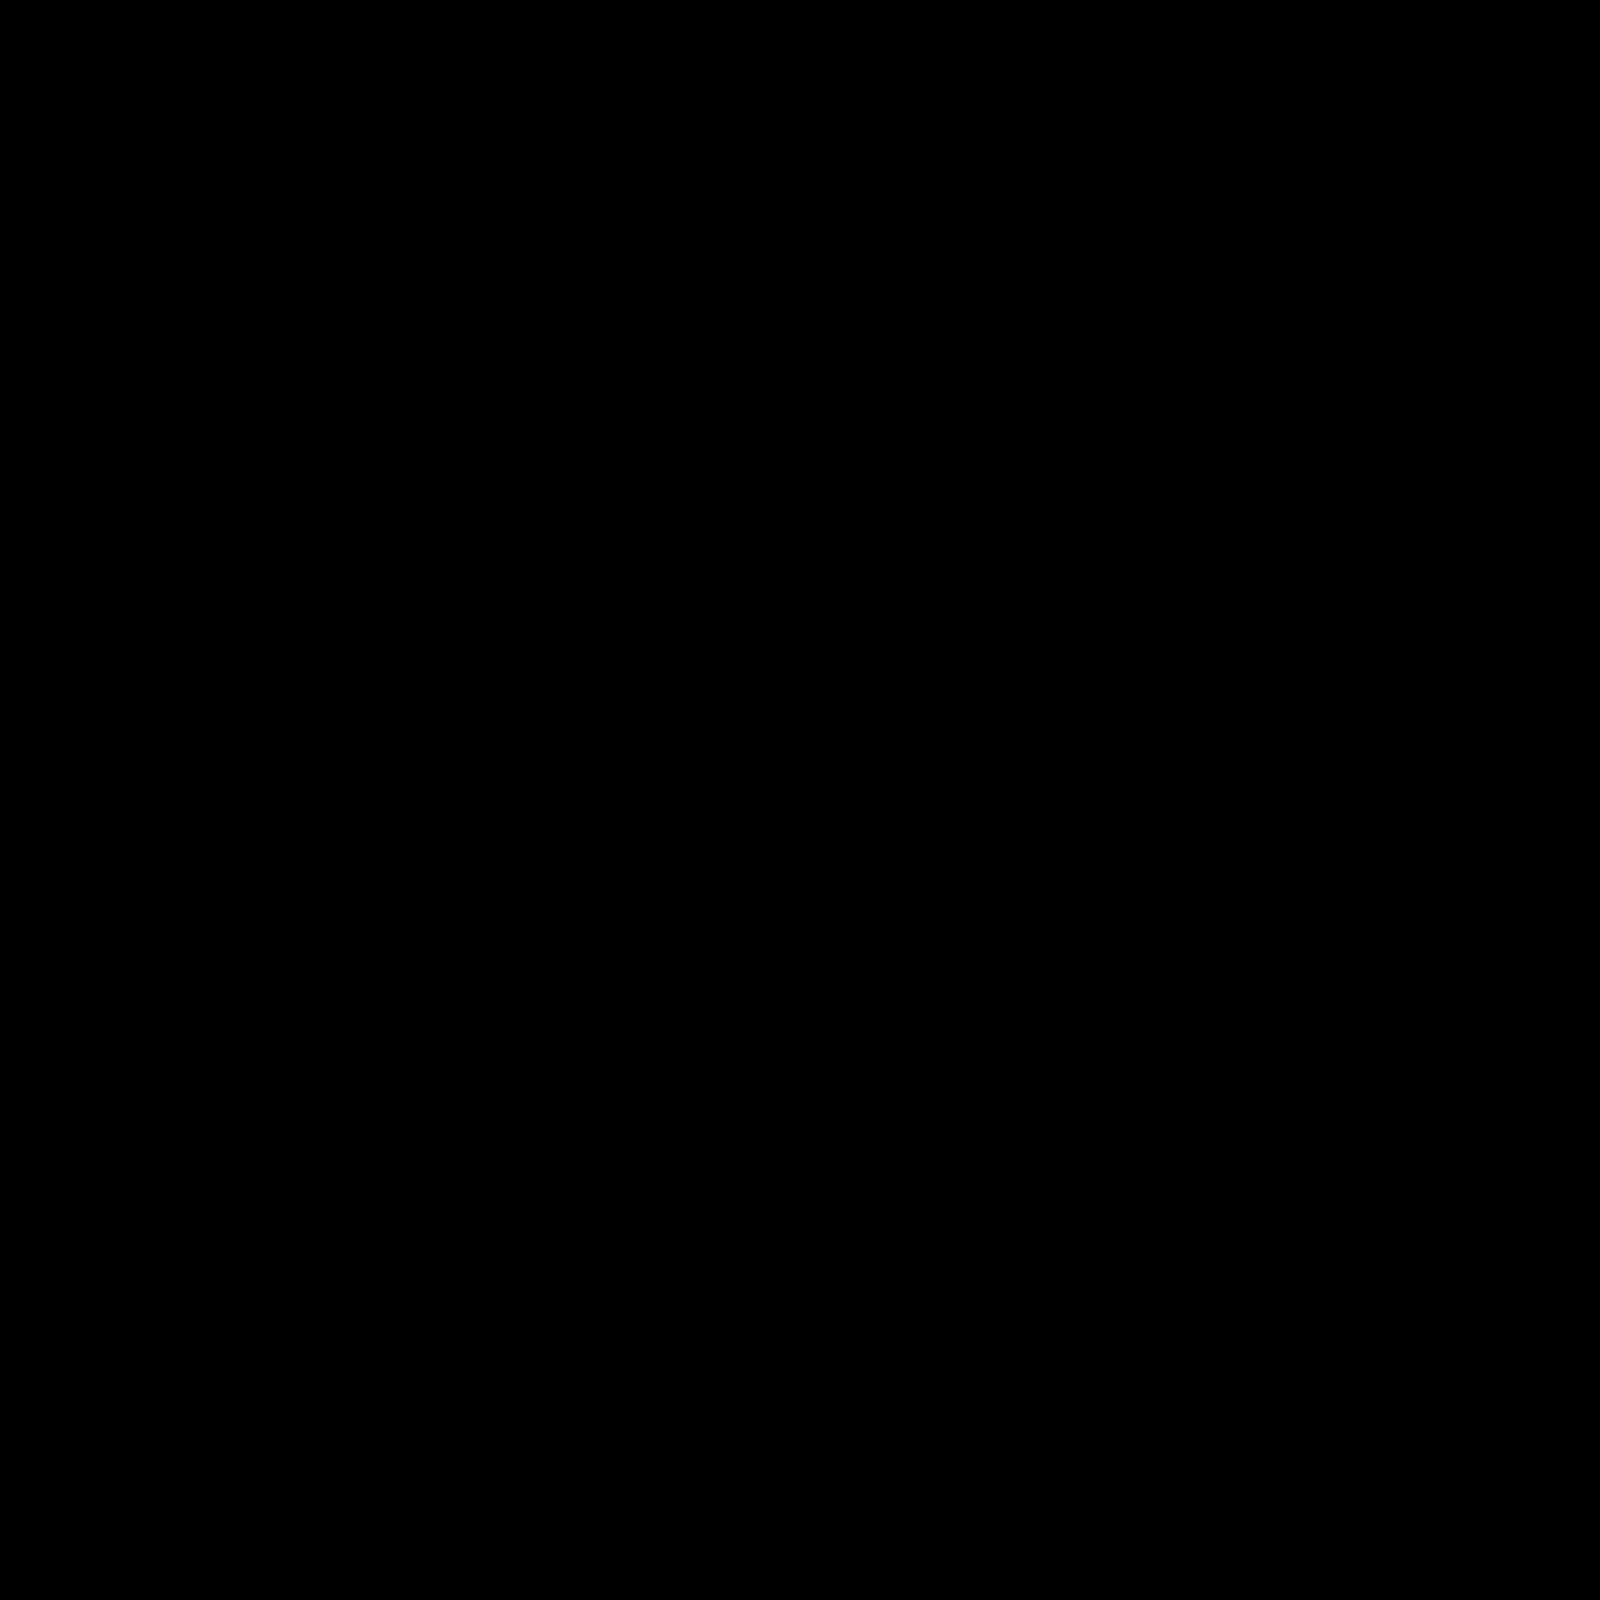 ホールパンチ除去 icon